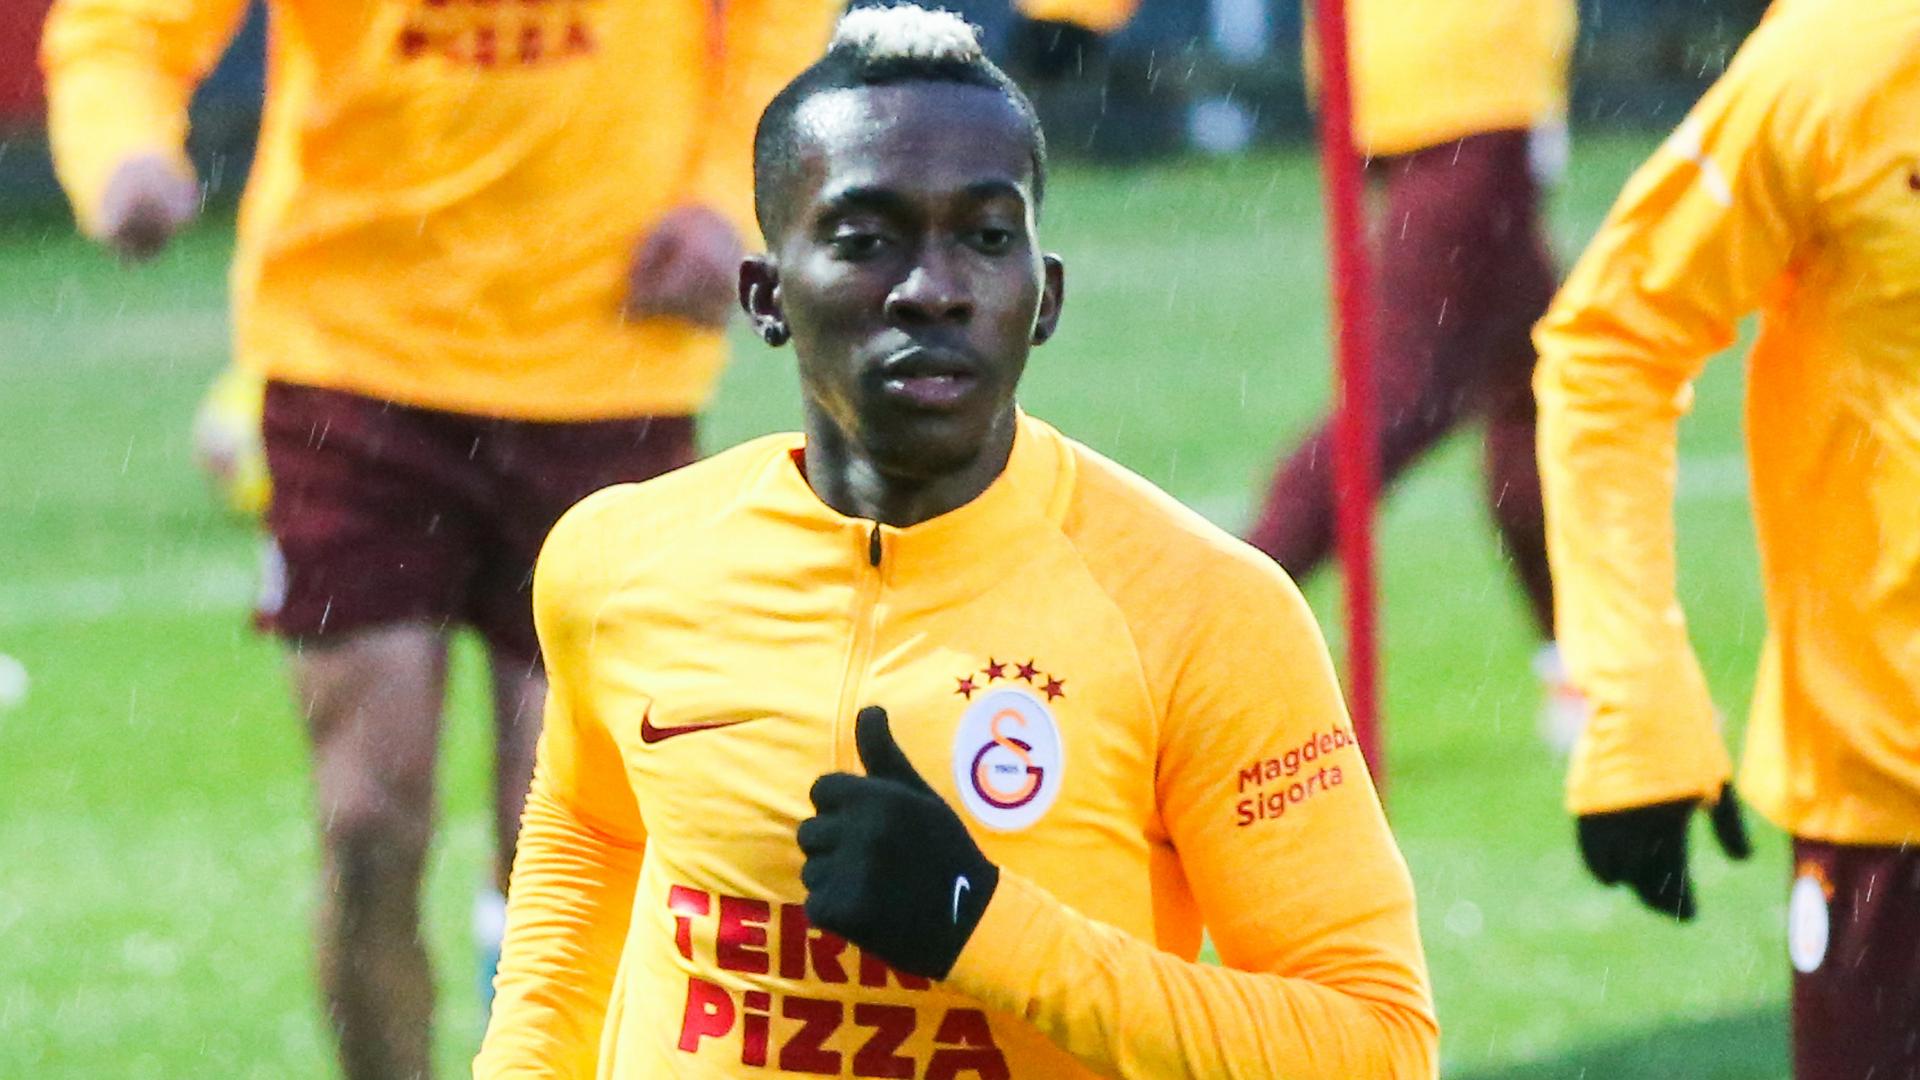 On-loan Monaco forward Onyekuru cleared to play for Galatasaray